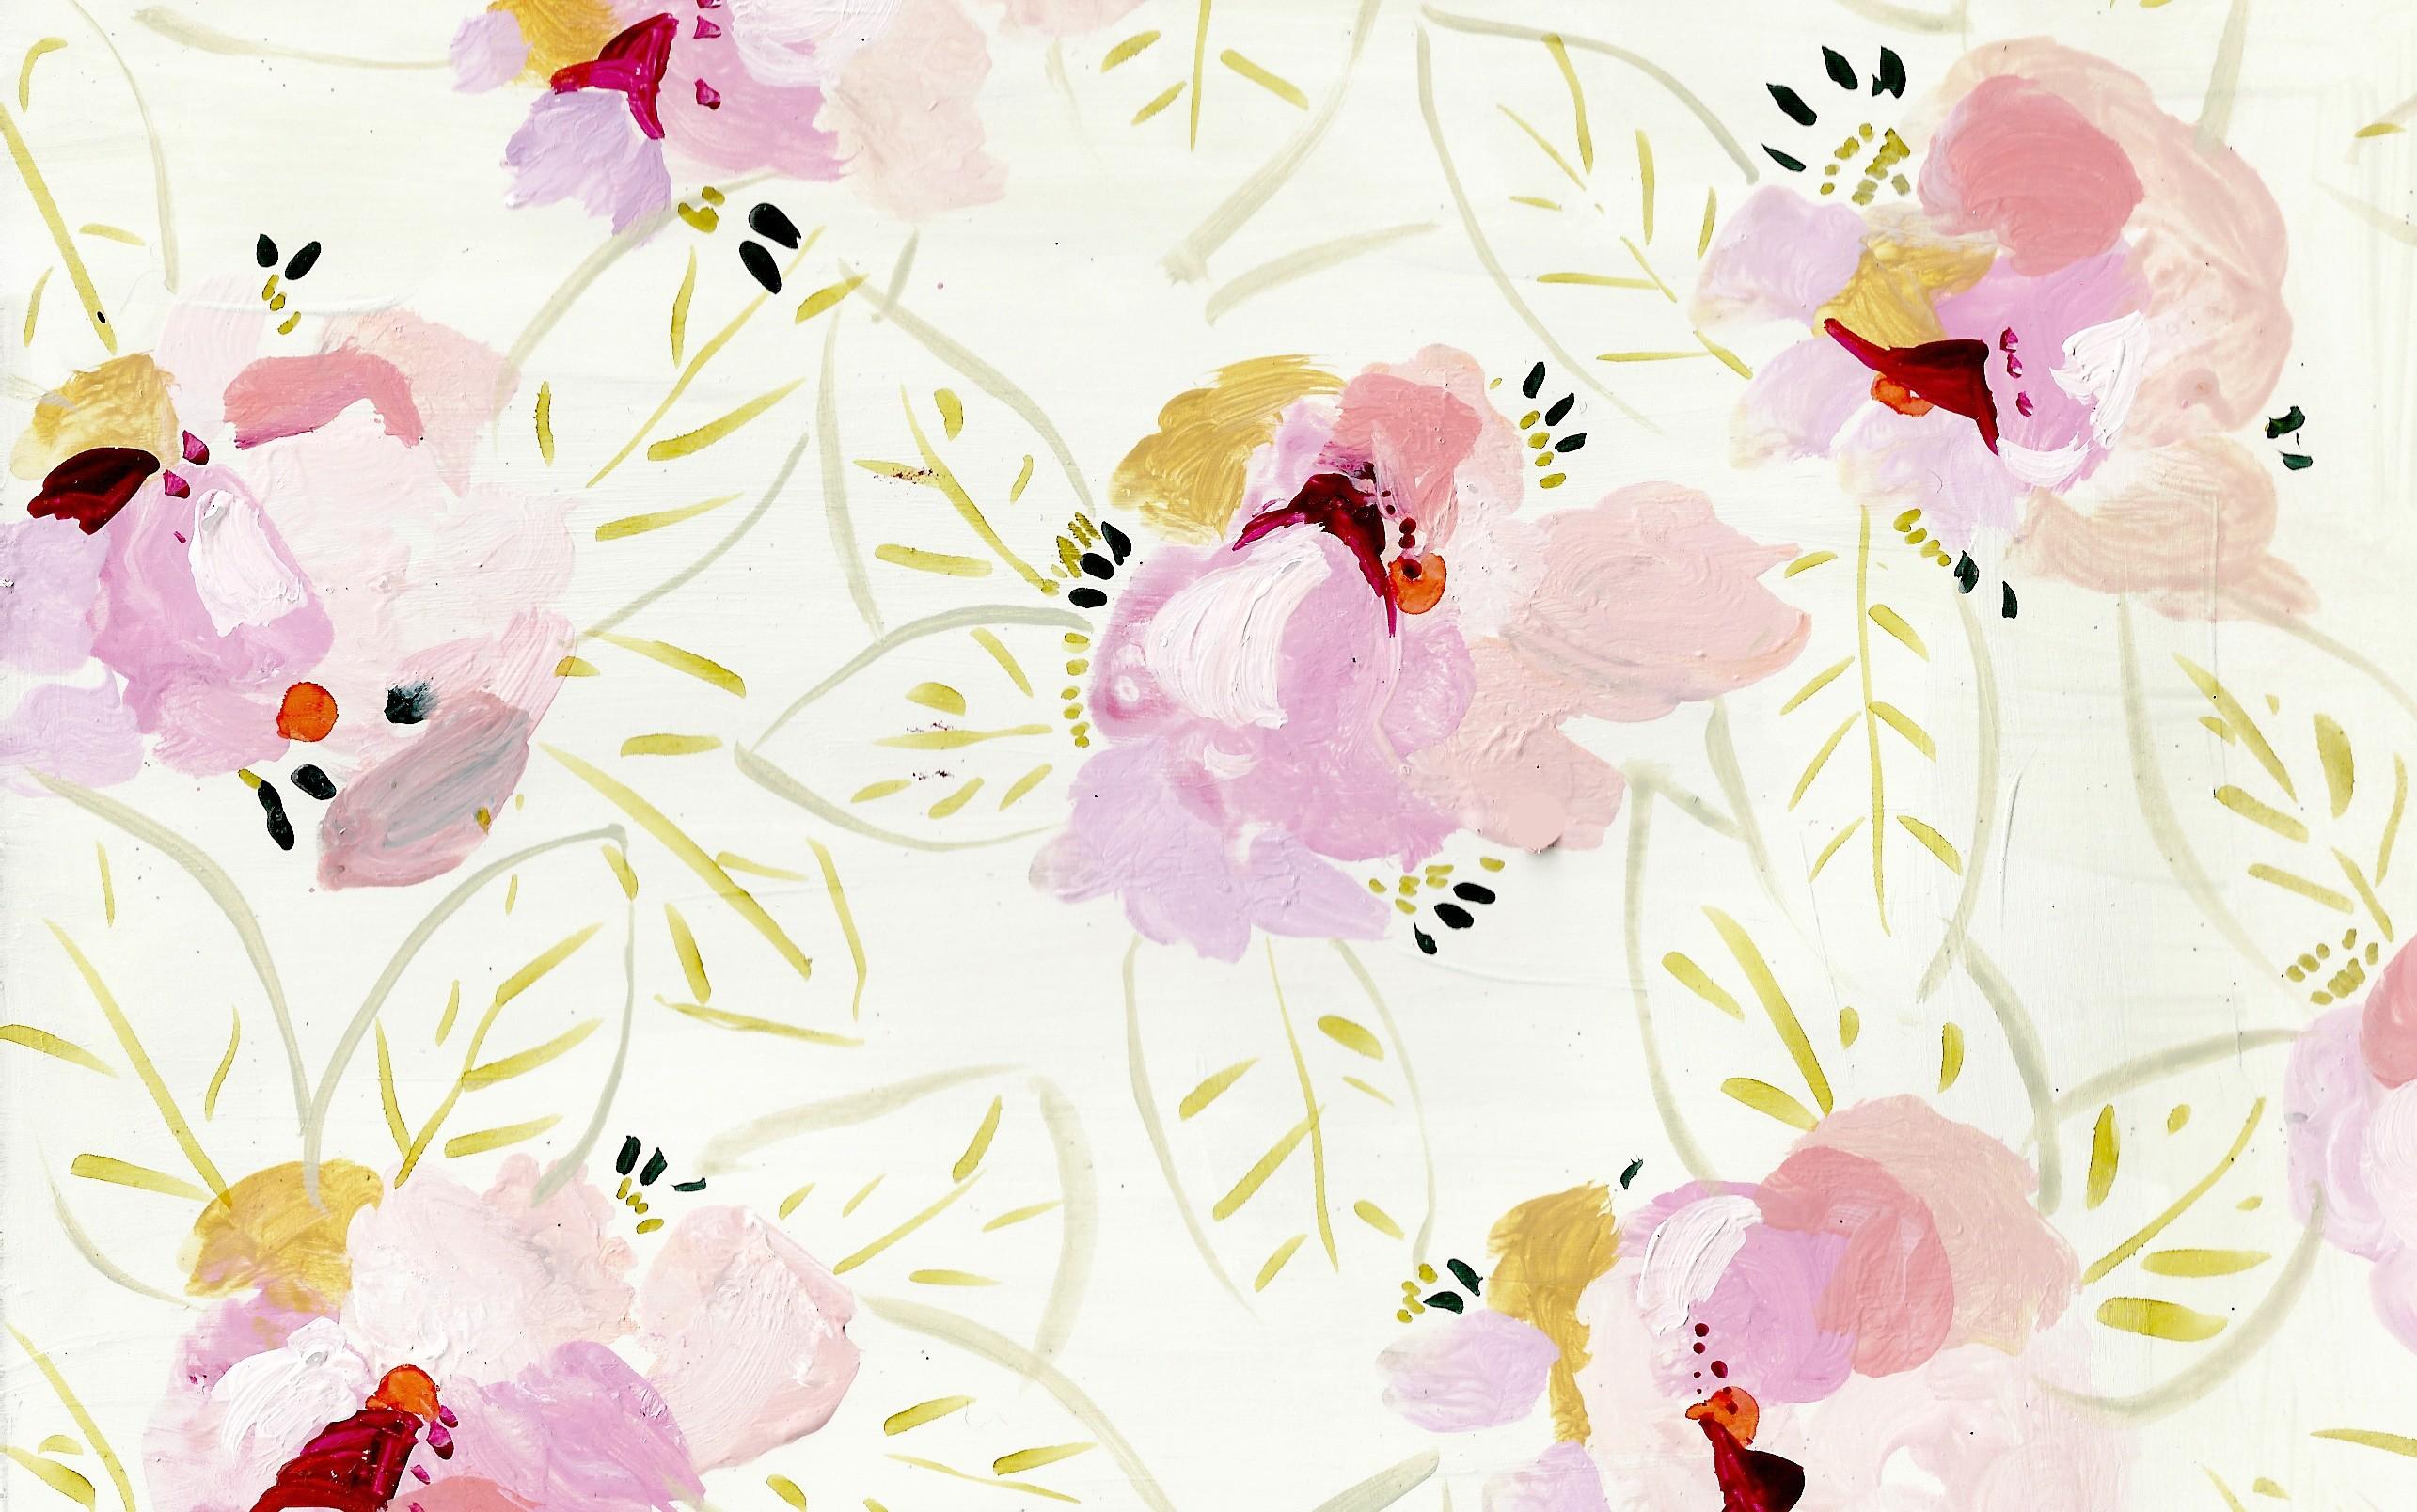 2570x1608 Free floral desktop computer background wallpaper from Design Lovefest.